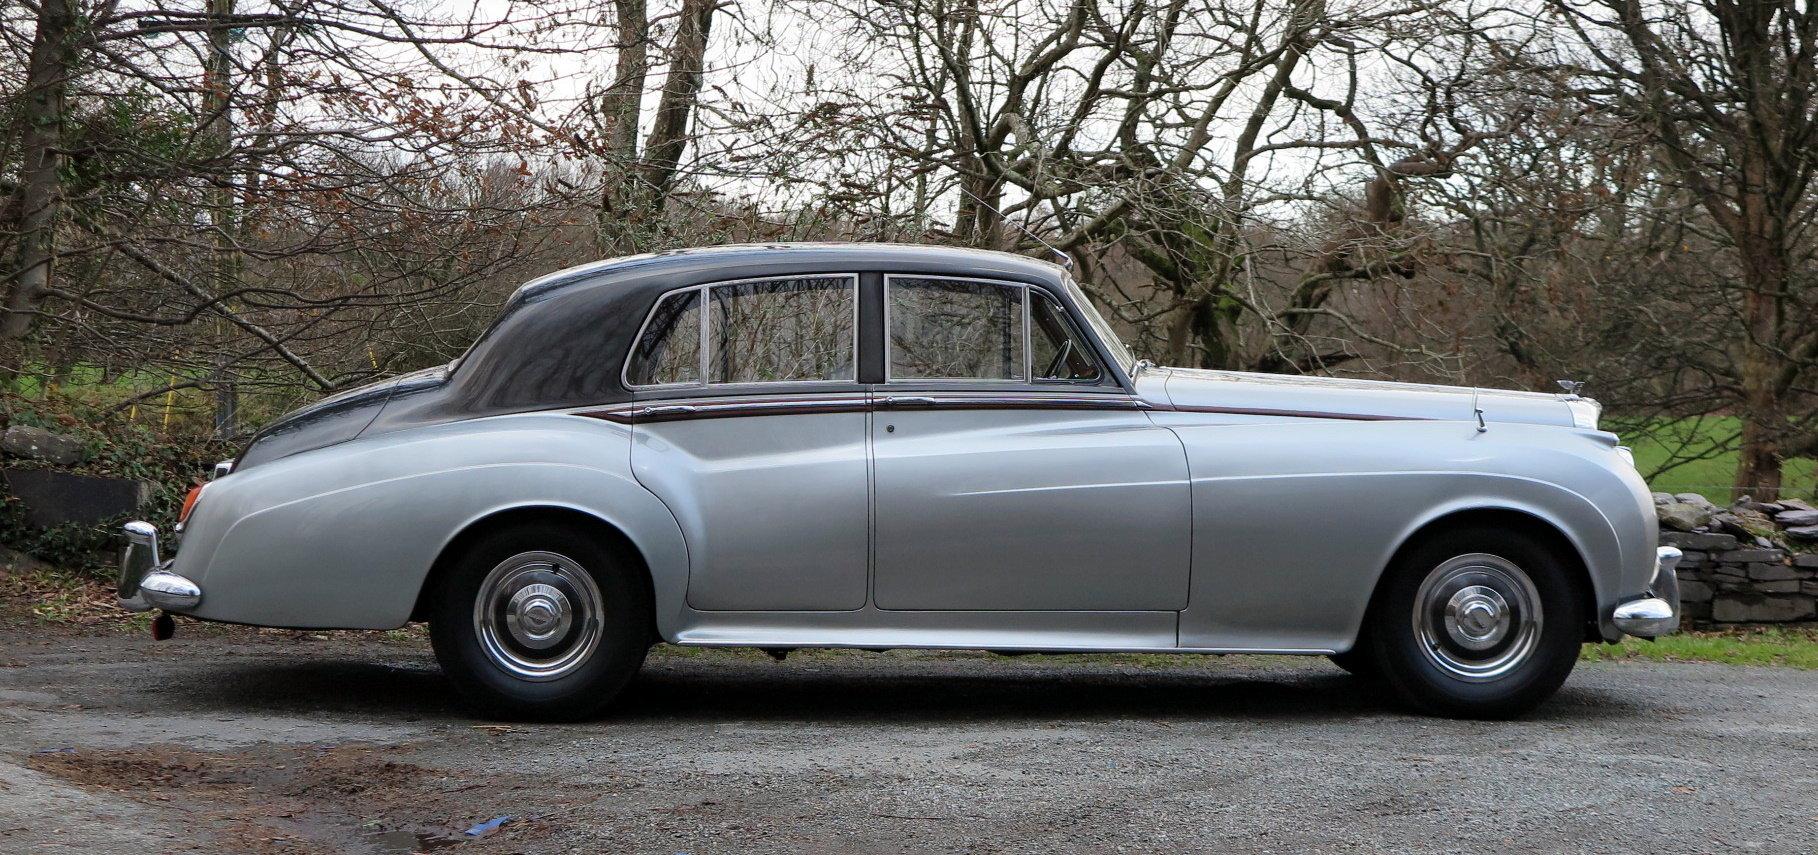 1959 Bentley S1 Four Door Saloon B4GC For Sale (picture 3 of 6)